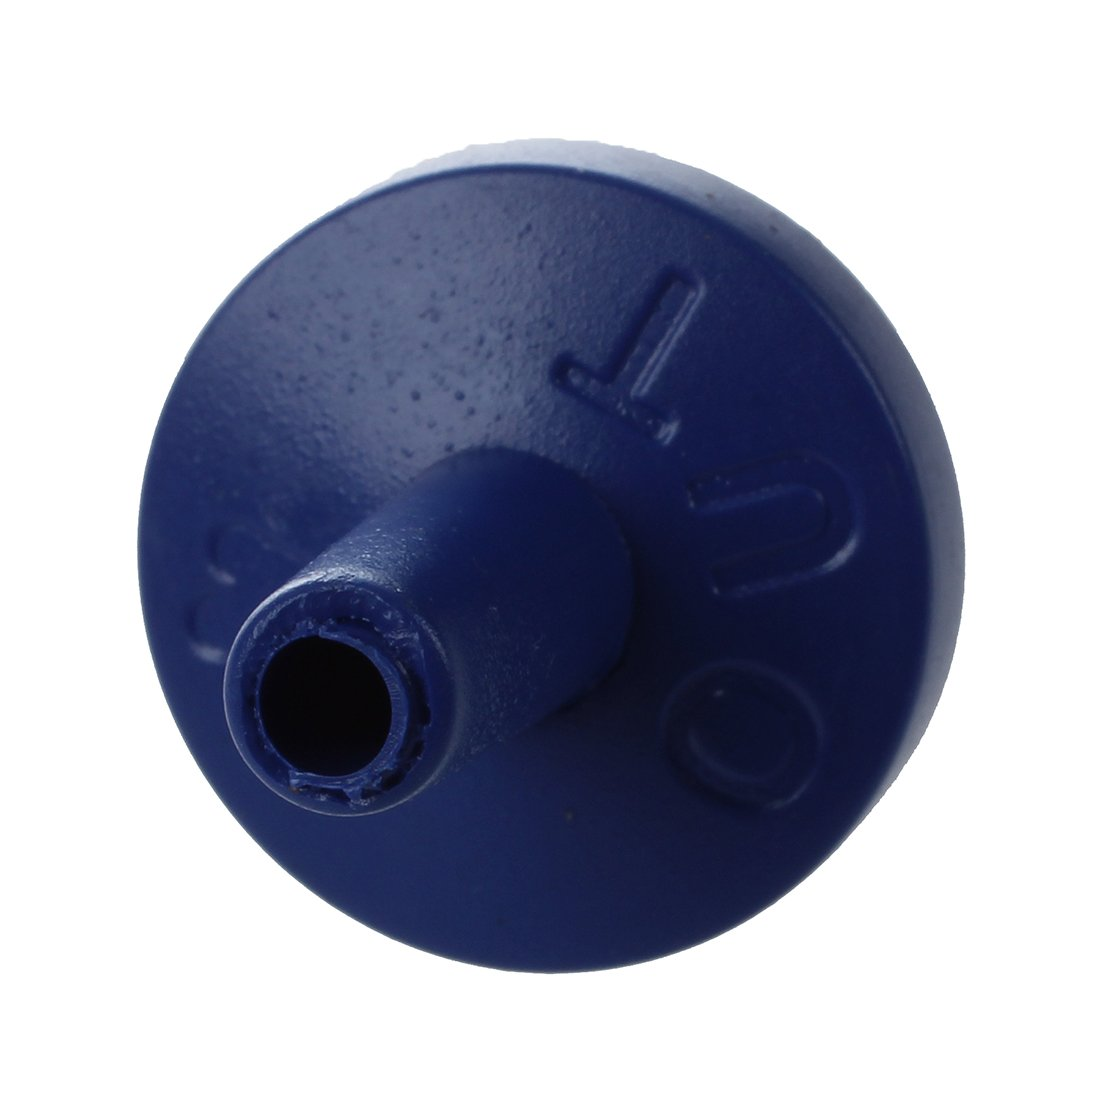 SODIAL 4 pezzi 3 millimetri Diametro interno in plastica dura unidirezionale Valvola blu scuro unidirezionale Valvola R